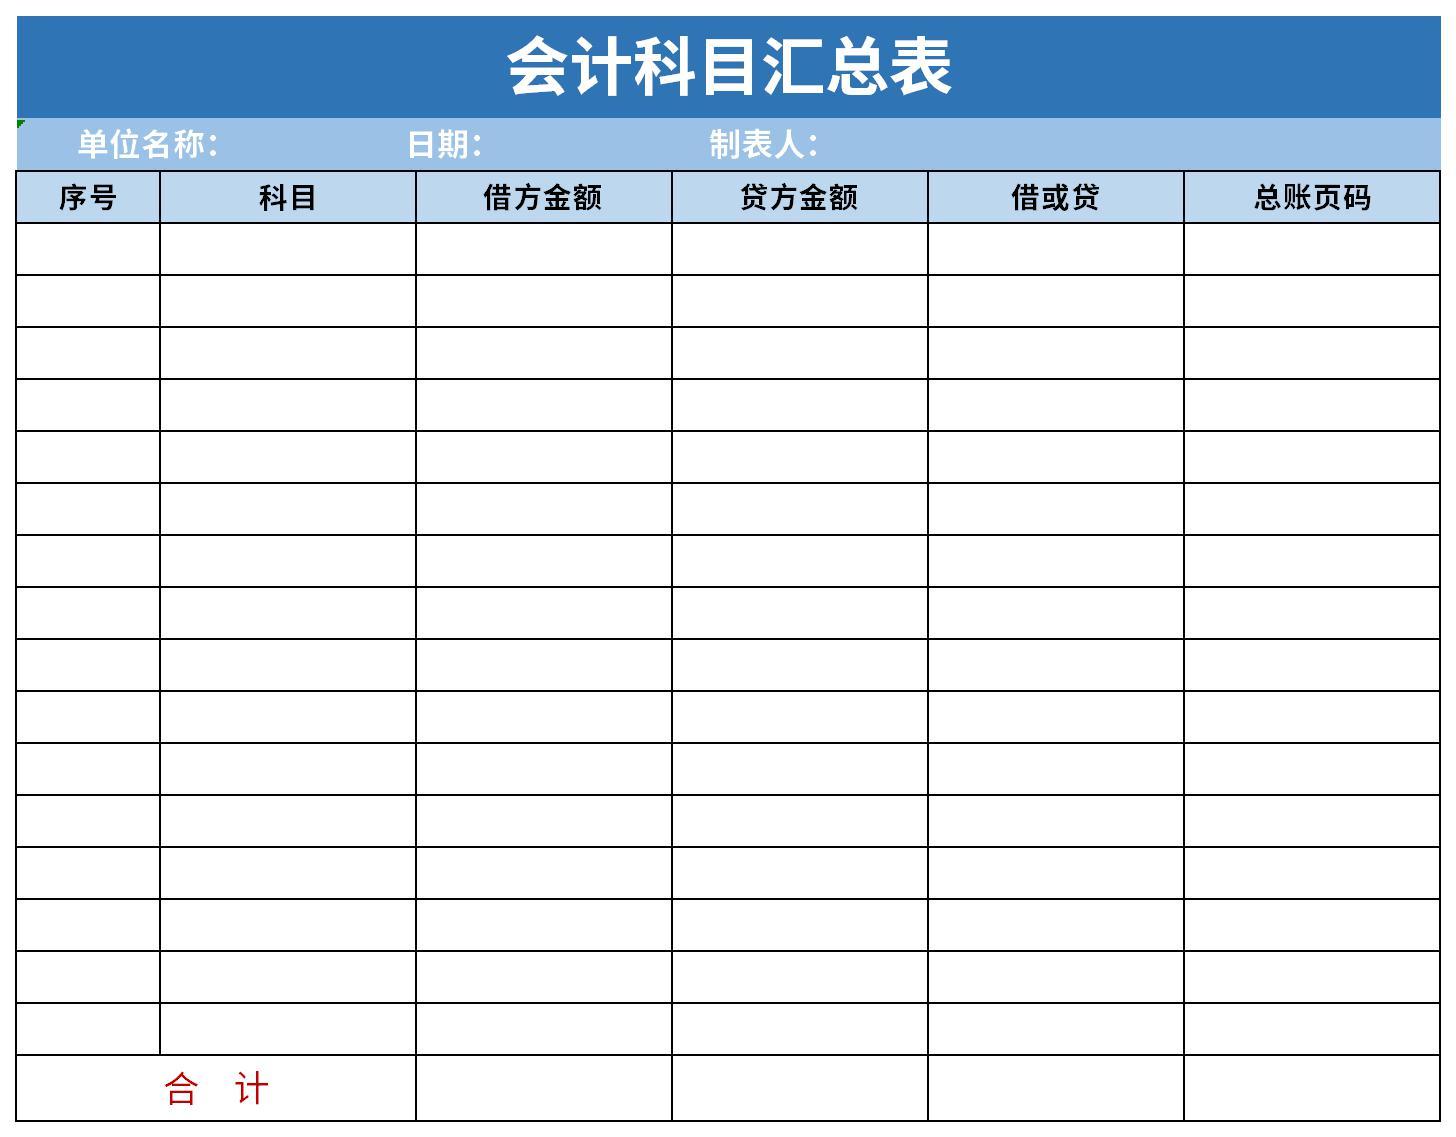 会计科目汇总表截图